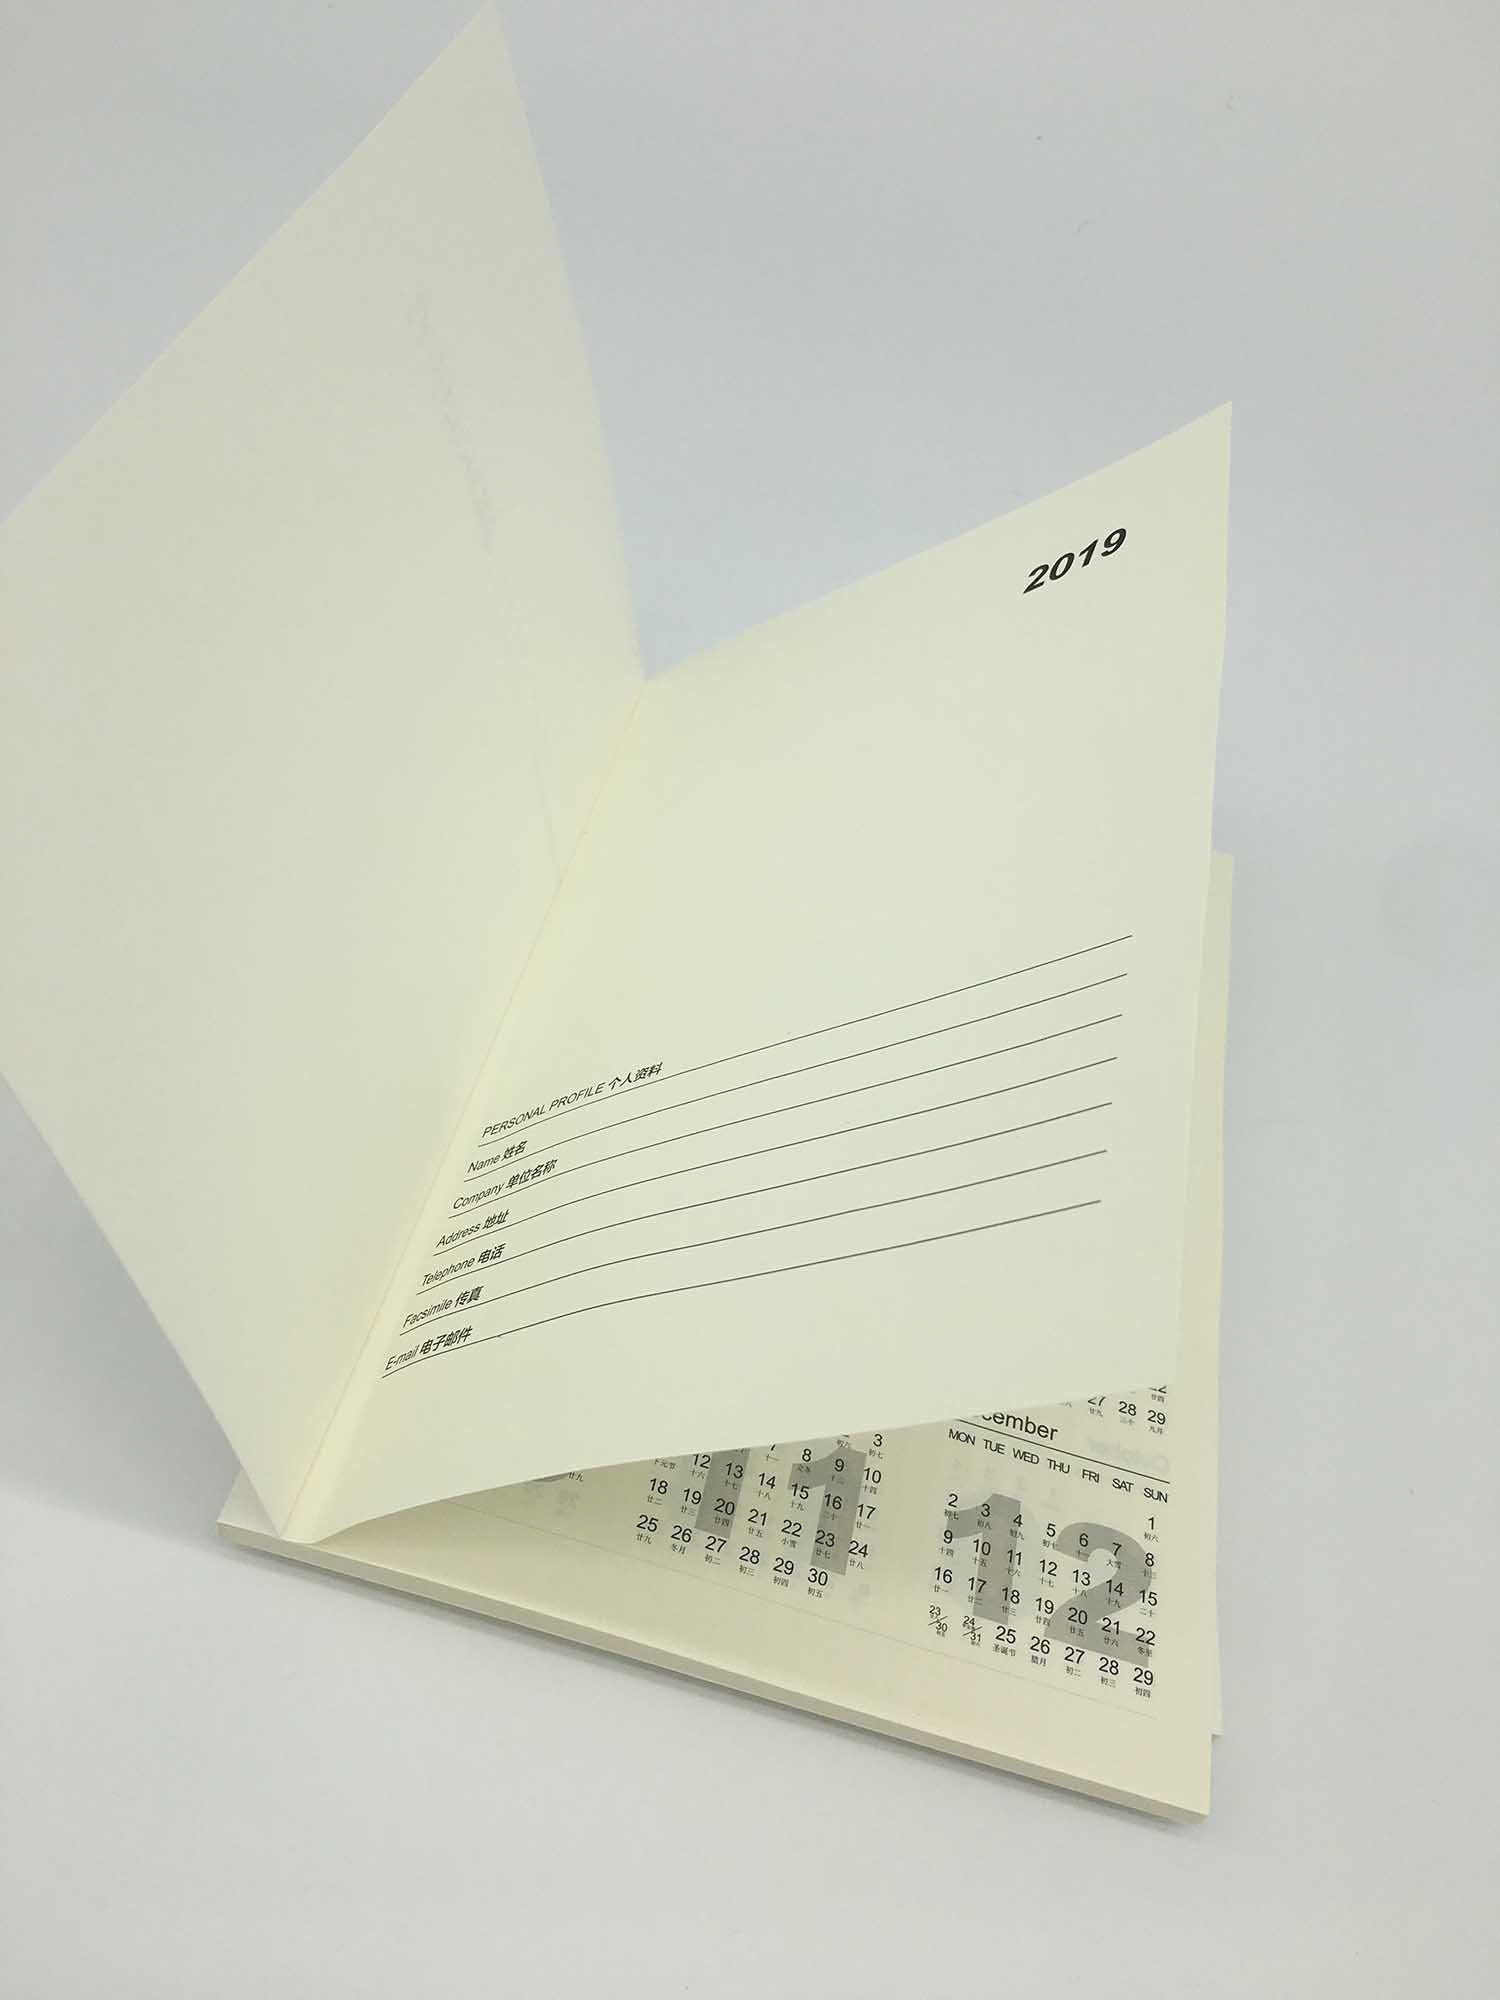 嘉峪关周边笔记本印刷尺寸